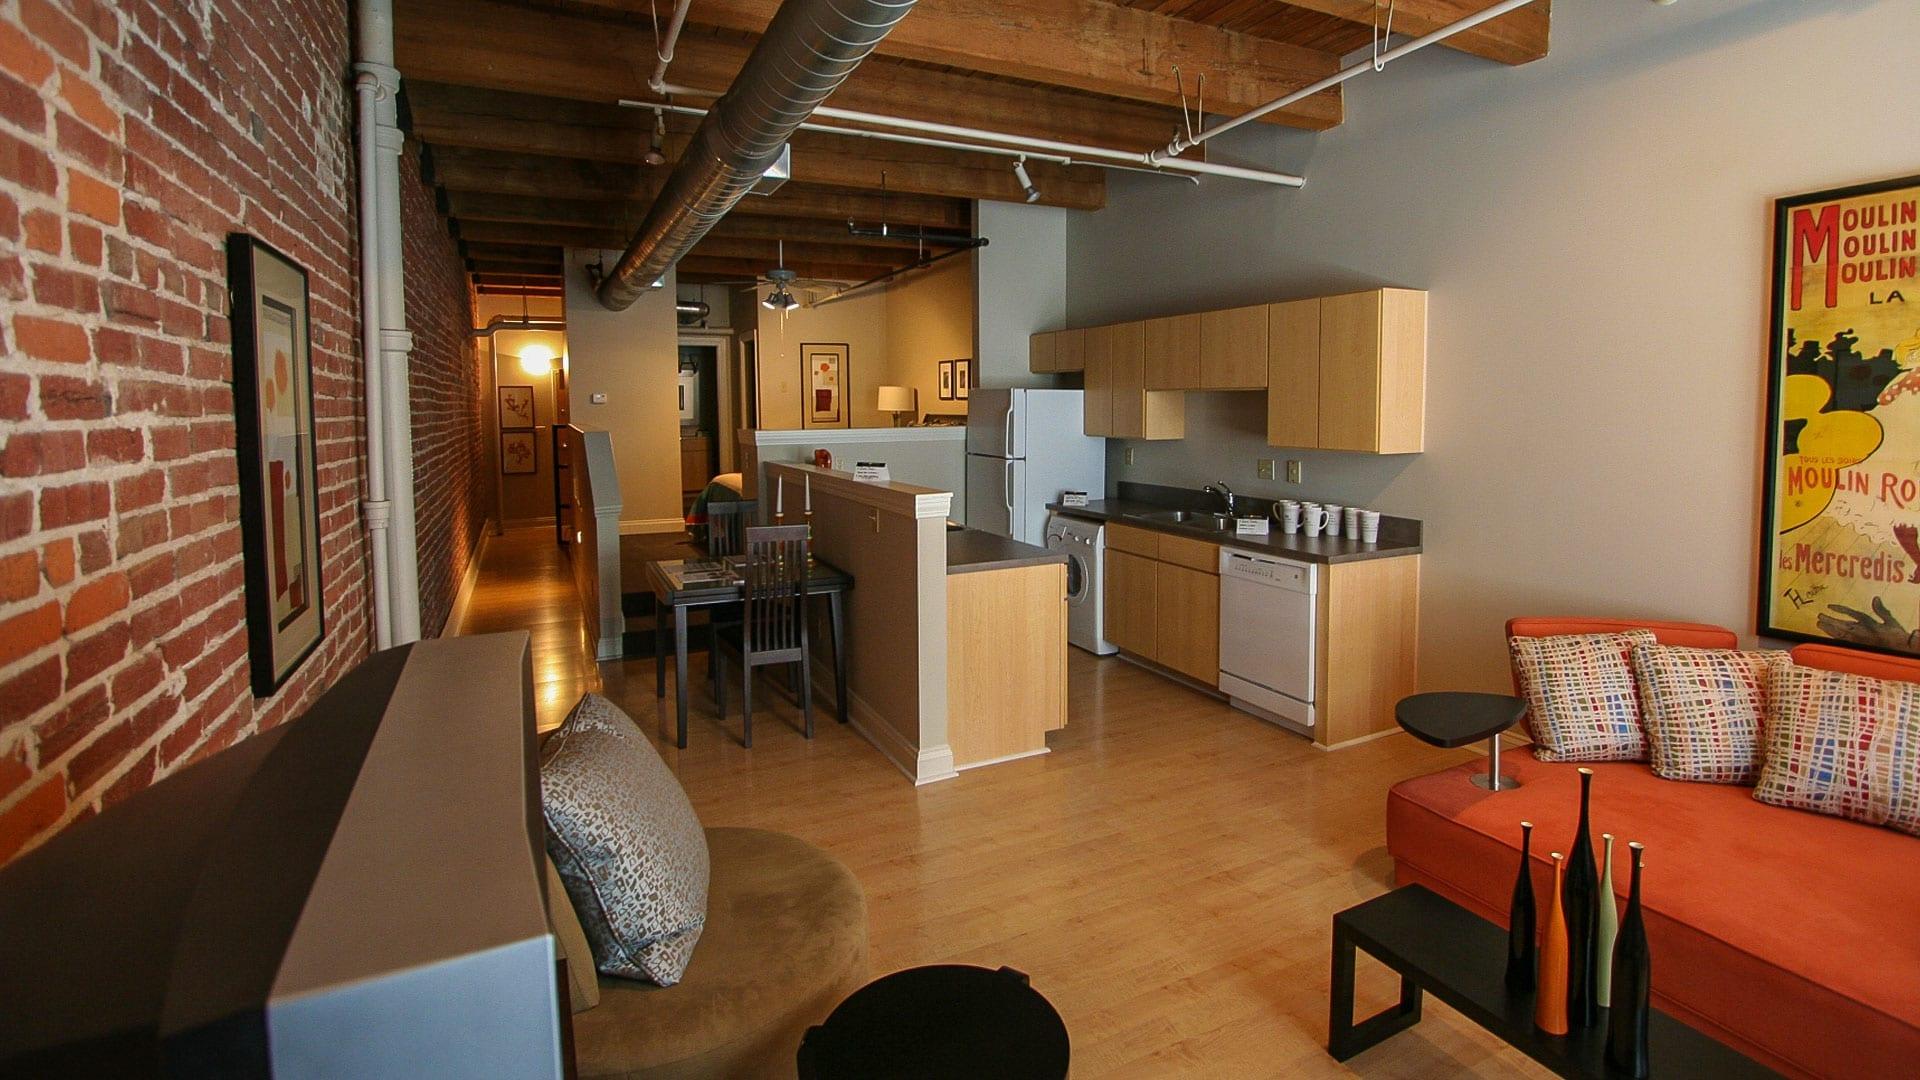 Studio Lofts With Wood Beams Brick Walls Amp Urban Views